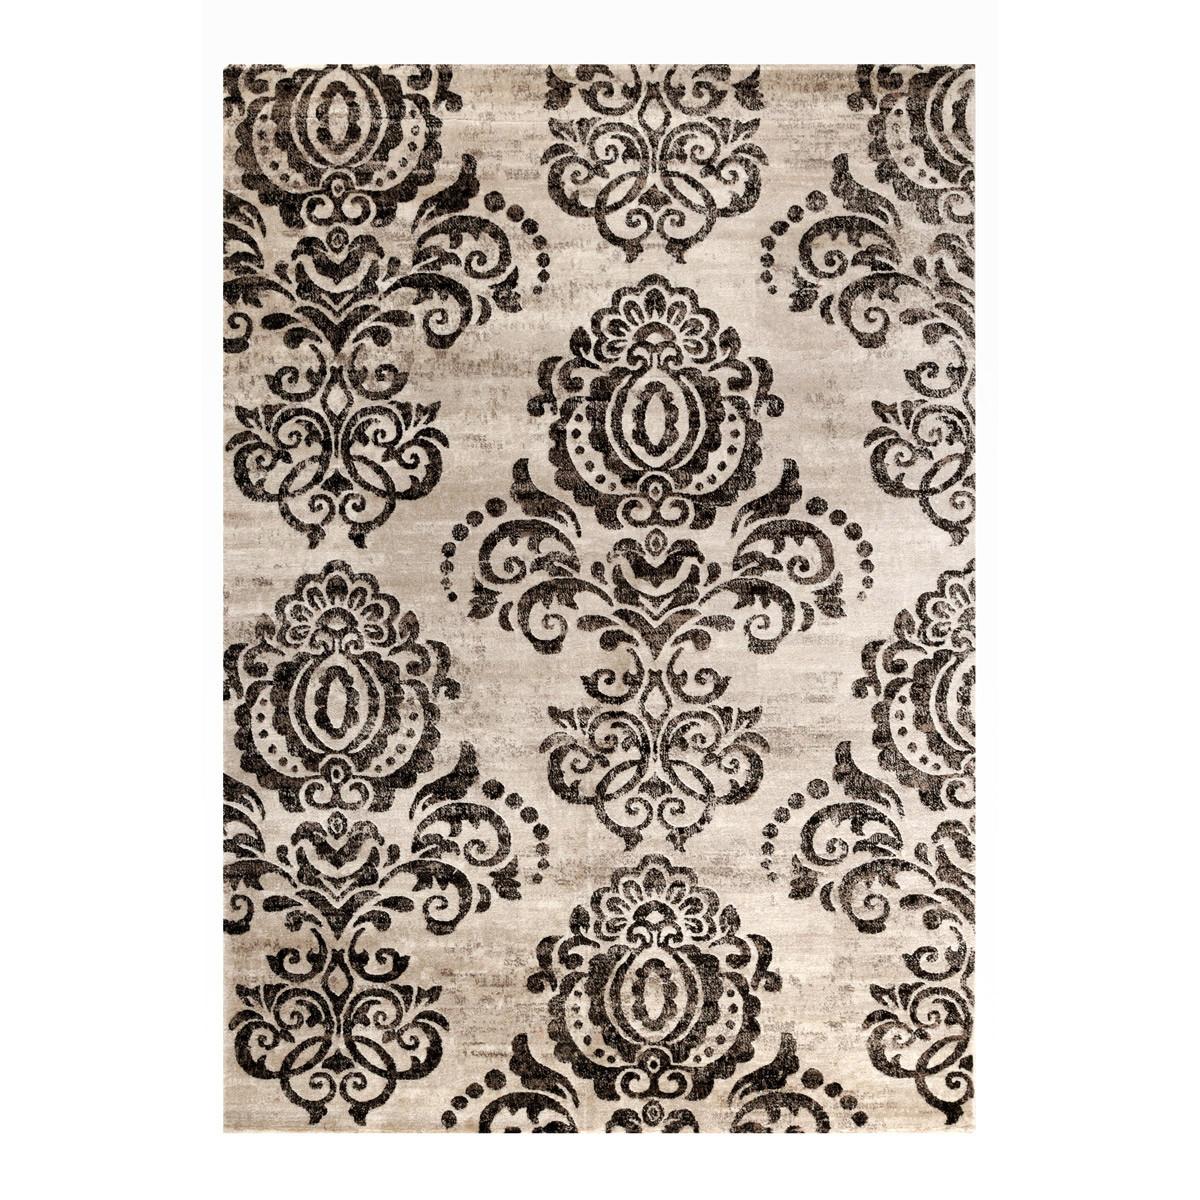 Χαλιά Κρεβατοκάμαρας (Σετ 3τμχ) Tzikas Carpets Memphis 19384-681